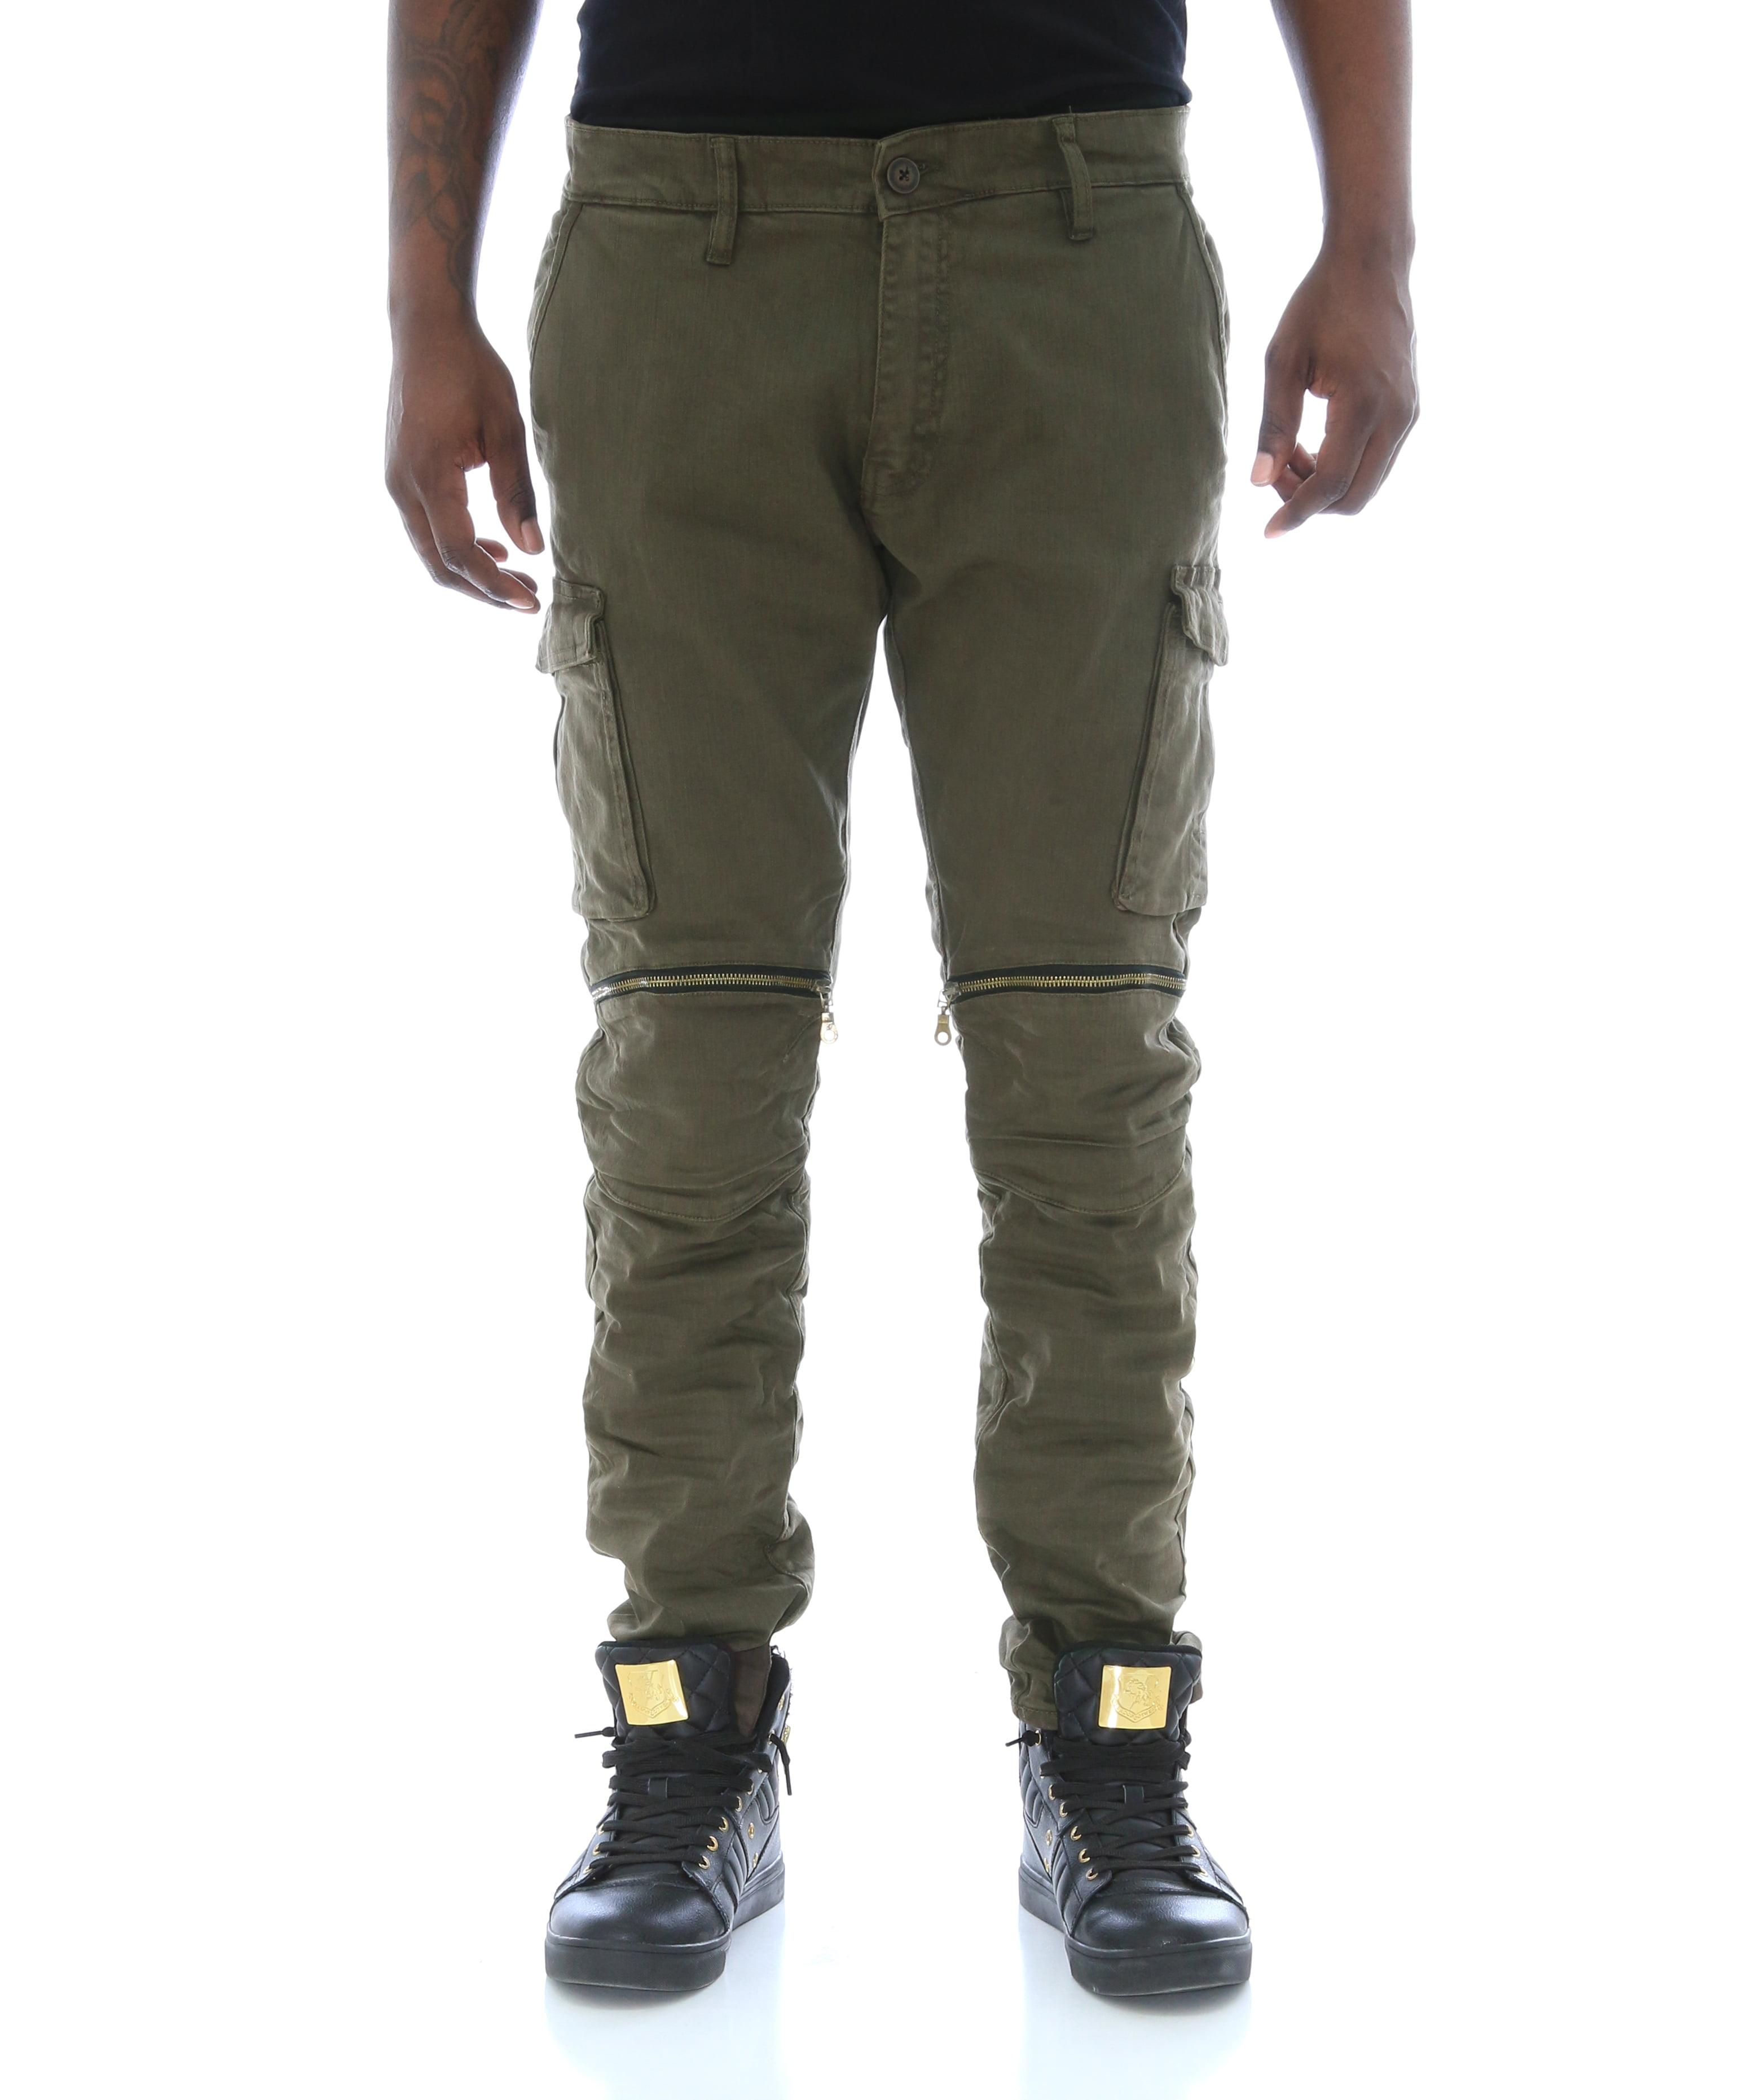 3b14bd0e815 Jordan Craig - Jordan Craig Men's Twill Tapered Leg Zipper Knee Cargo Pants  - Walmart.com